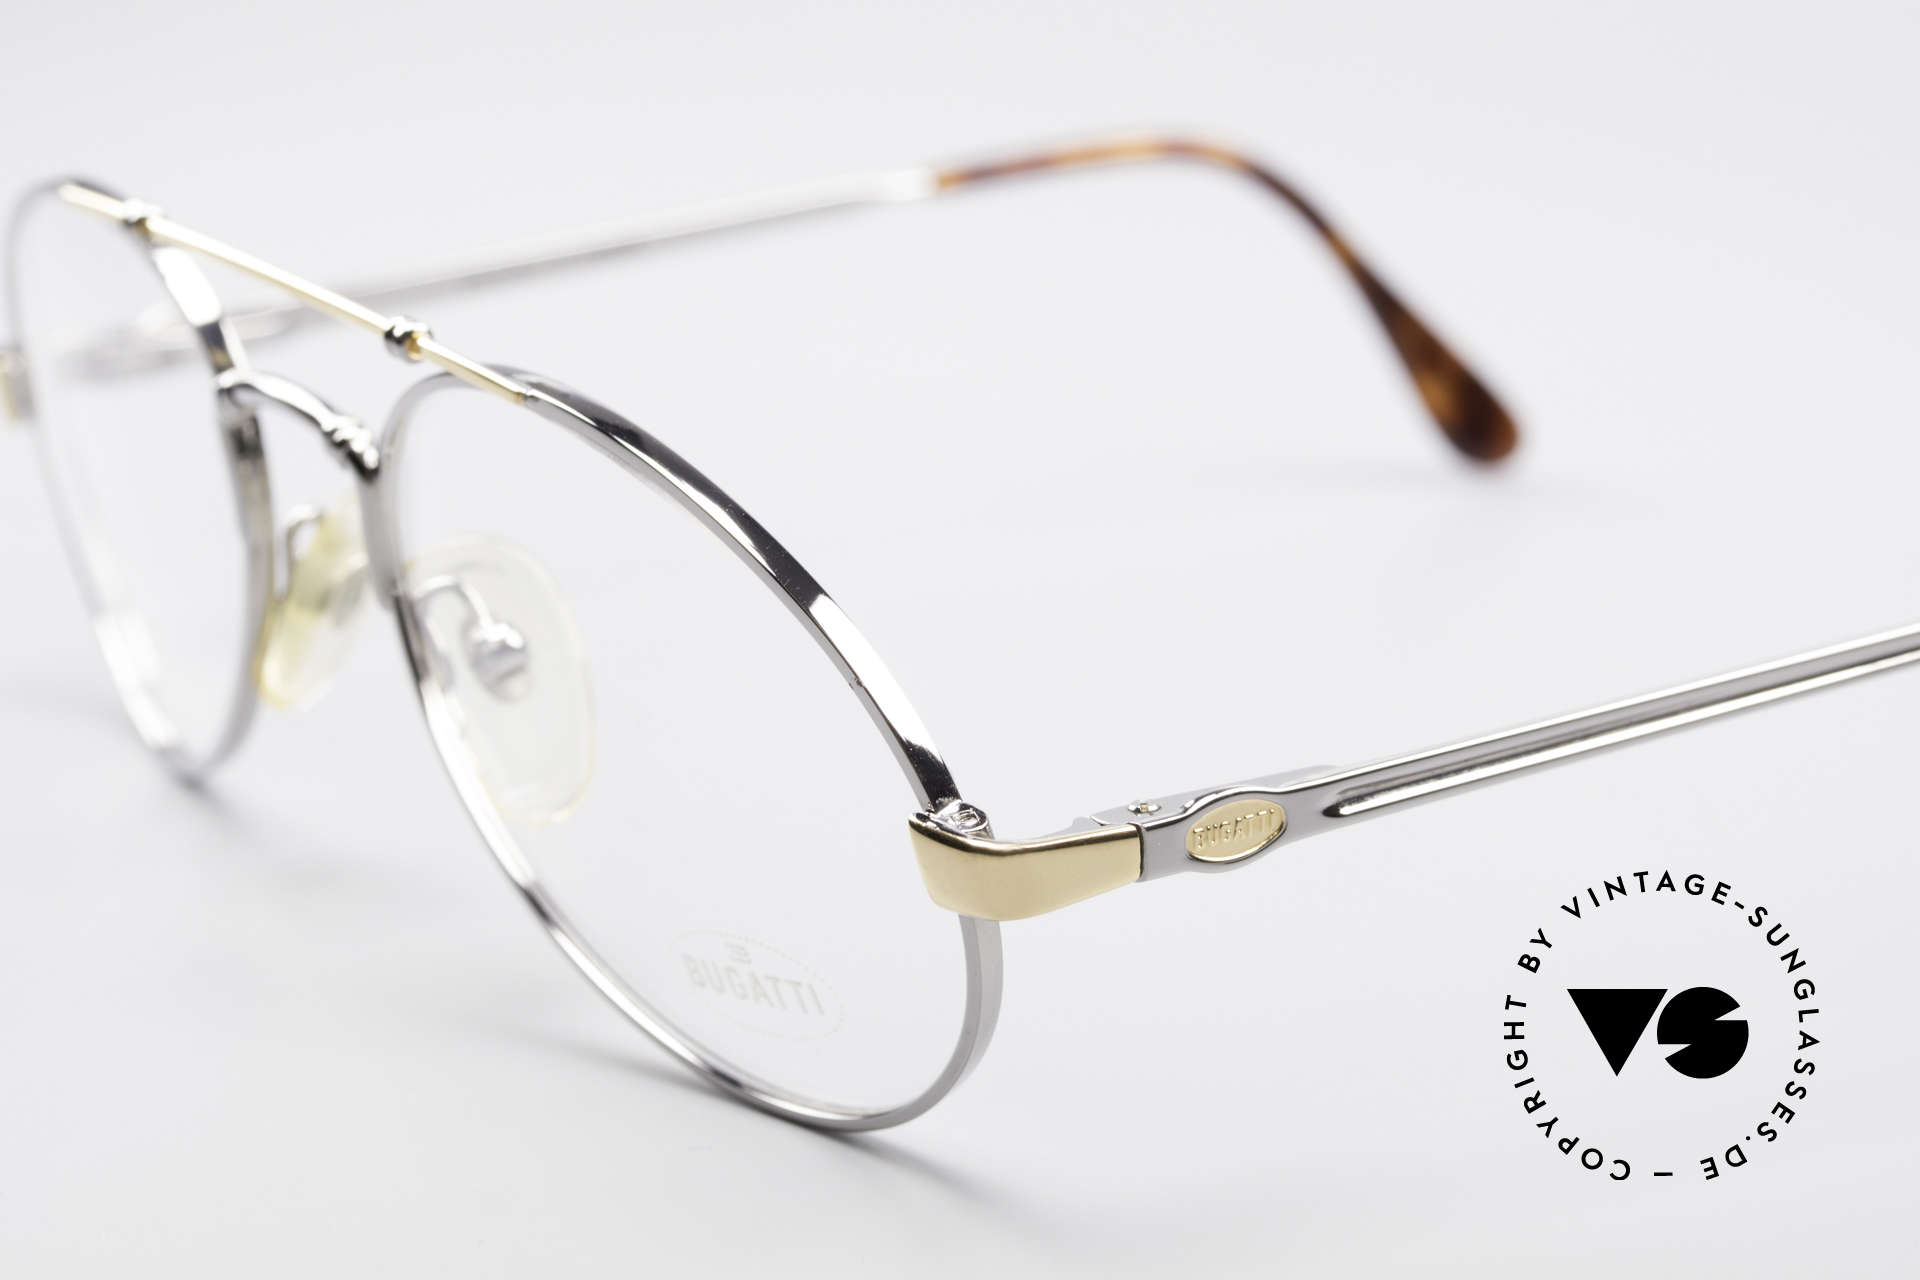 Bugatti 18526 80er Herren Vintage Brille, sehr noble Rahmenlackierung: titanium / vergoldet, Passend für Herren